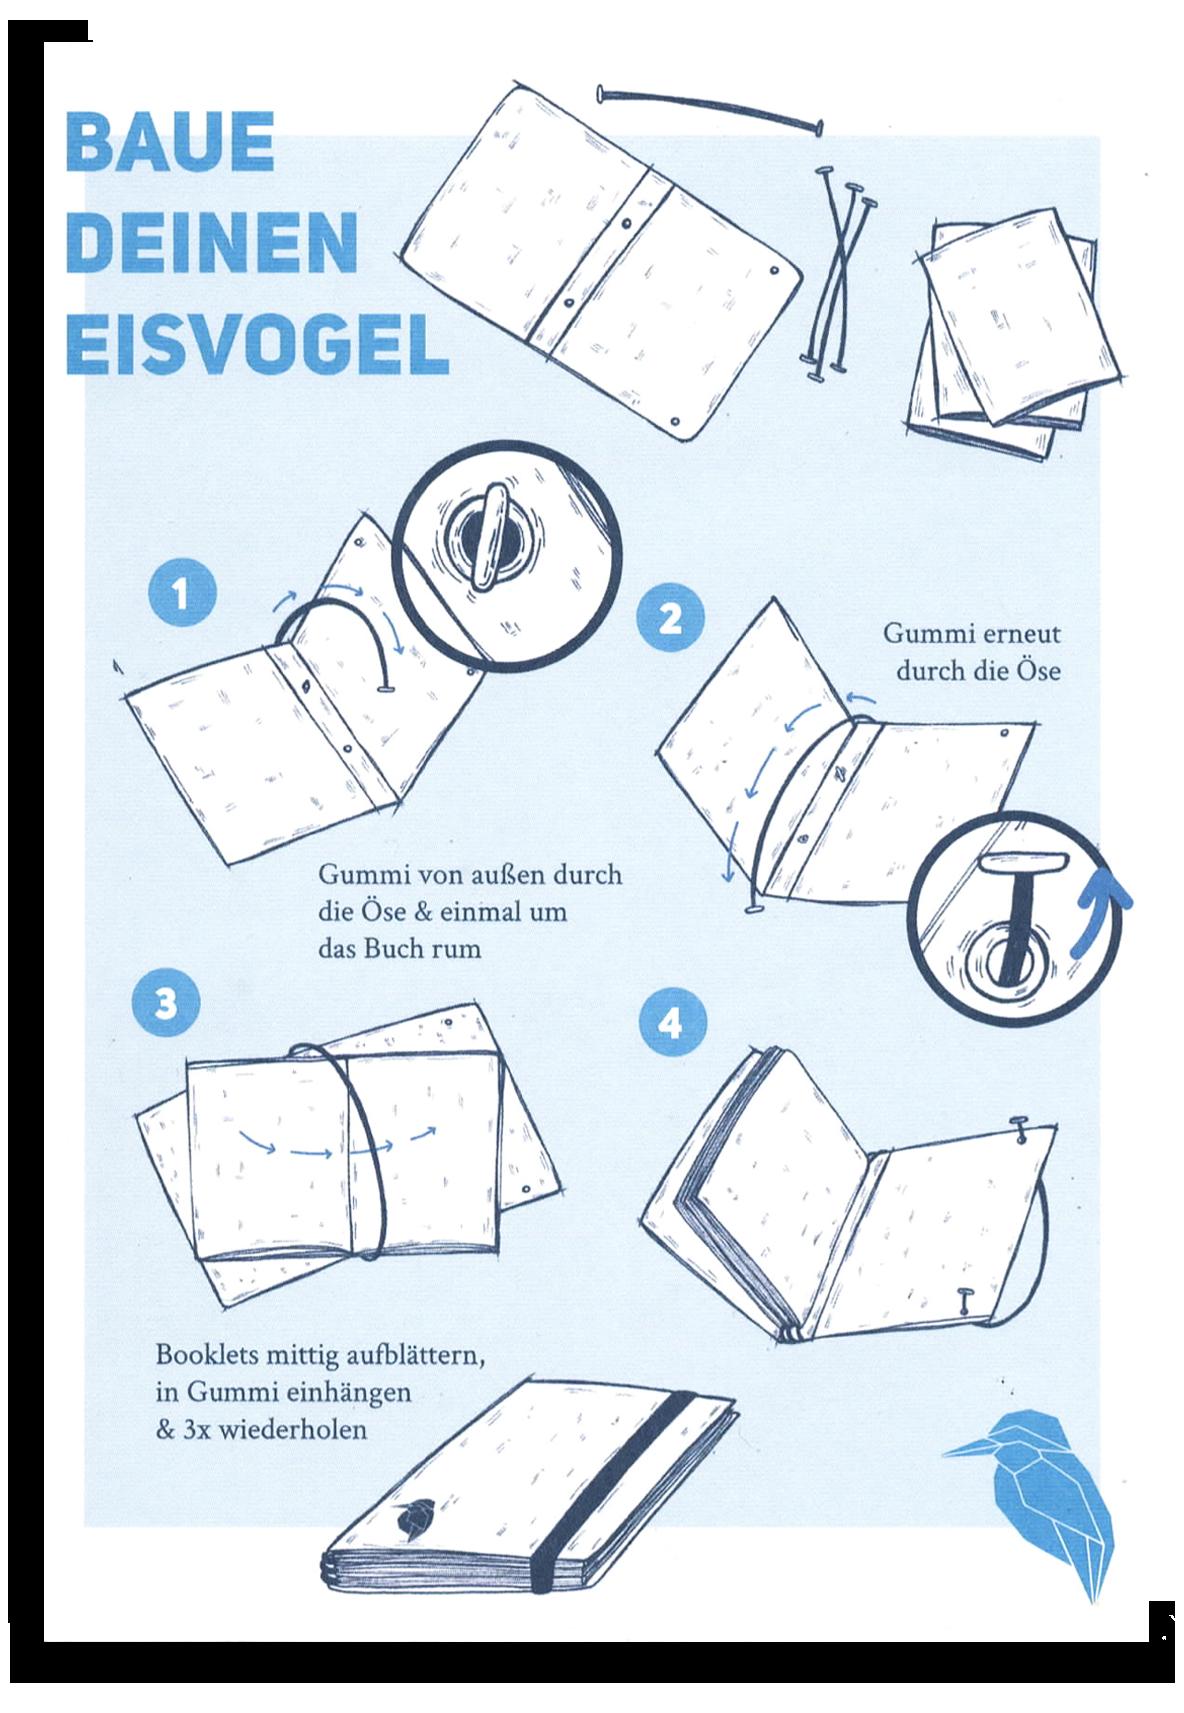 Eisvogel-Notes, Notizbuch, made in berlin, Eisvogel media, Kalender, Planer, Skizzenbuch,